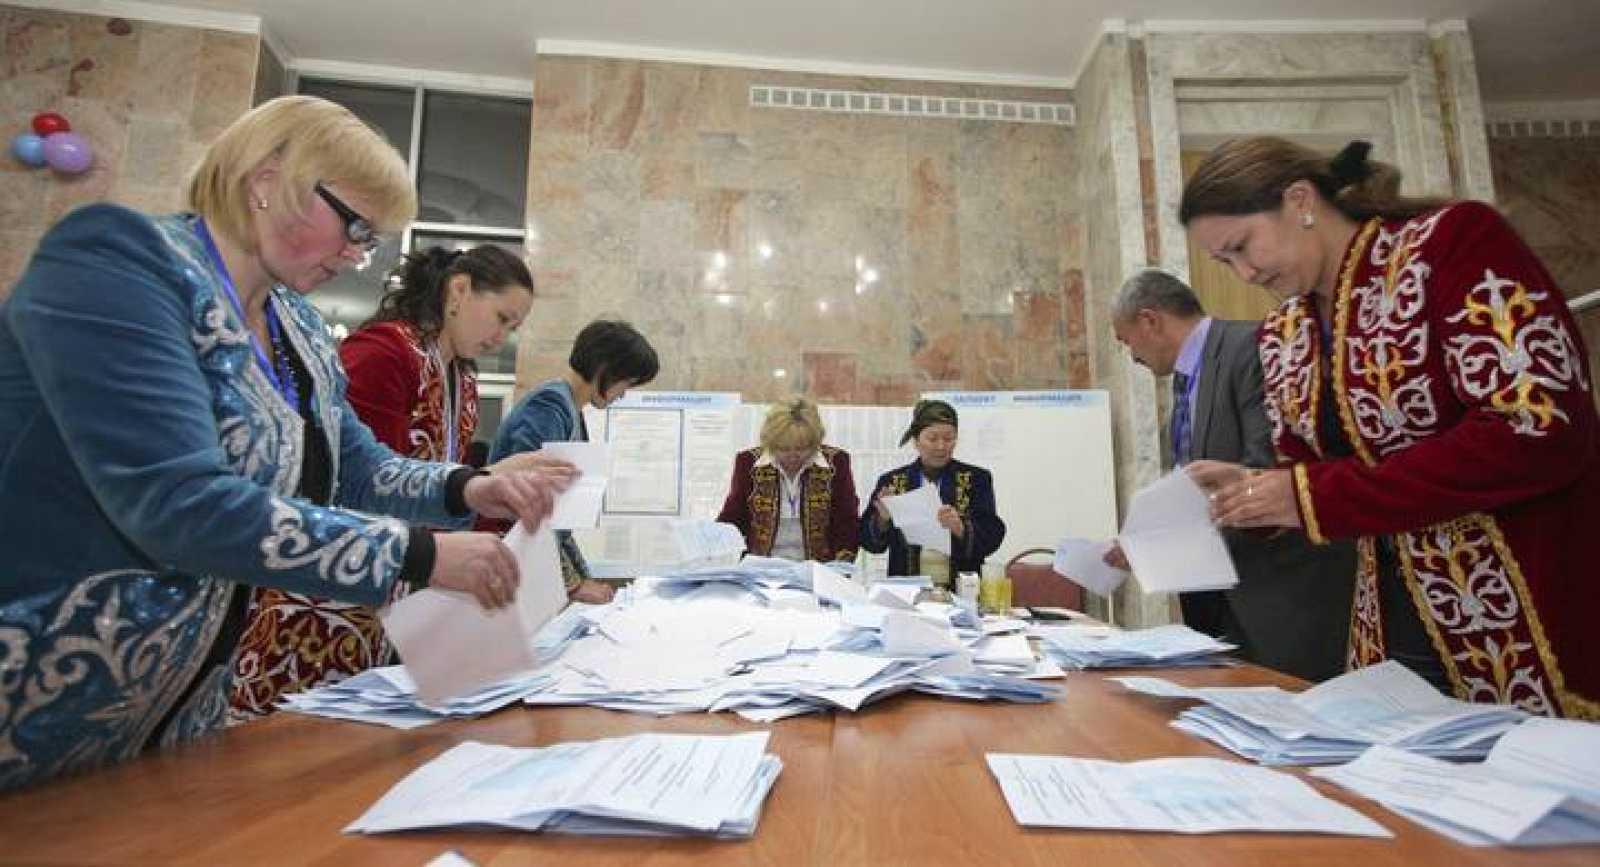 Recuento de votos en las elecciones presidenciales de Kazajistán